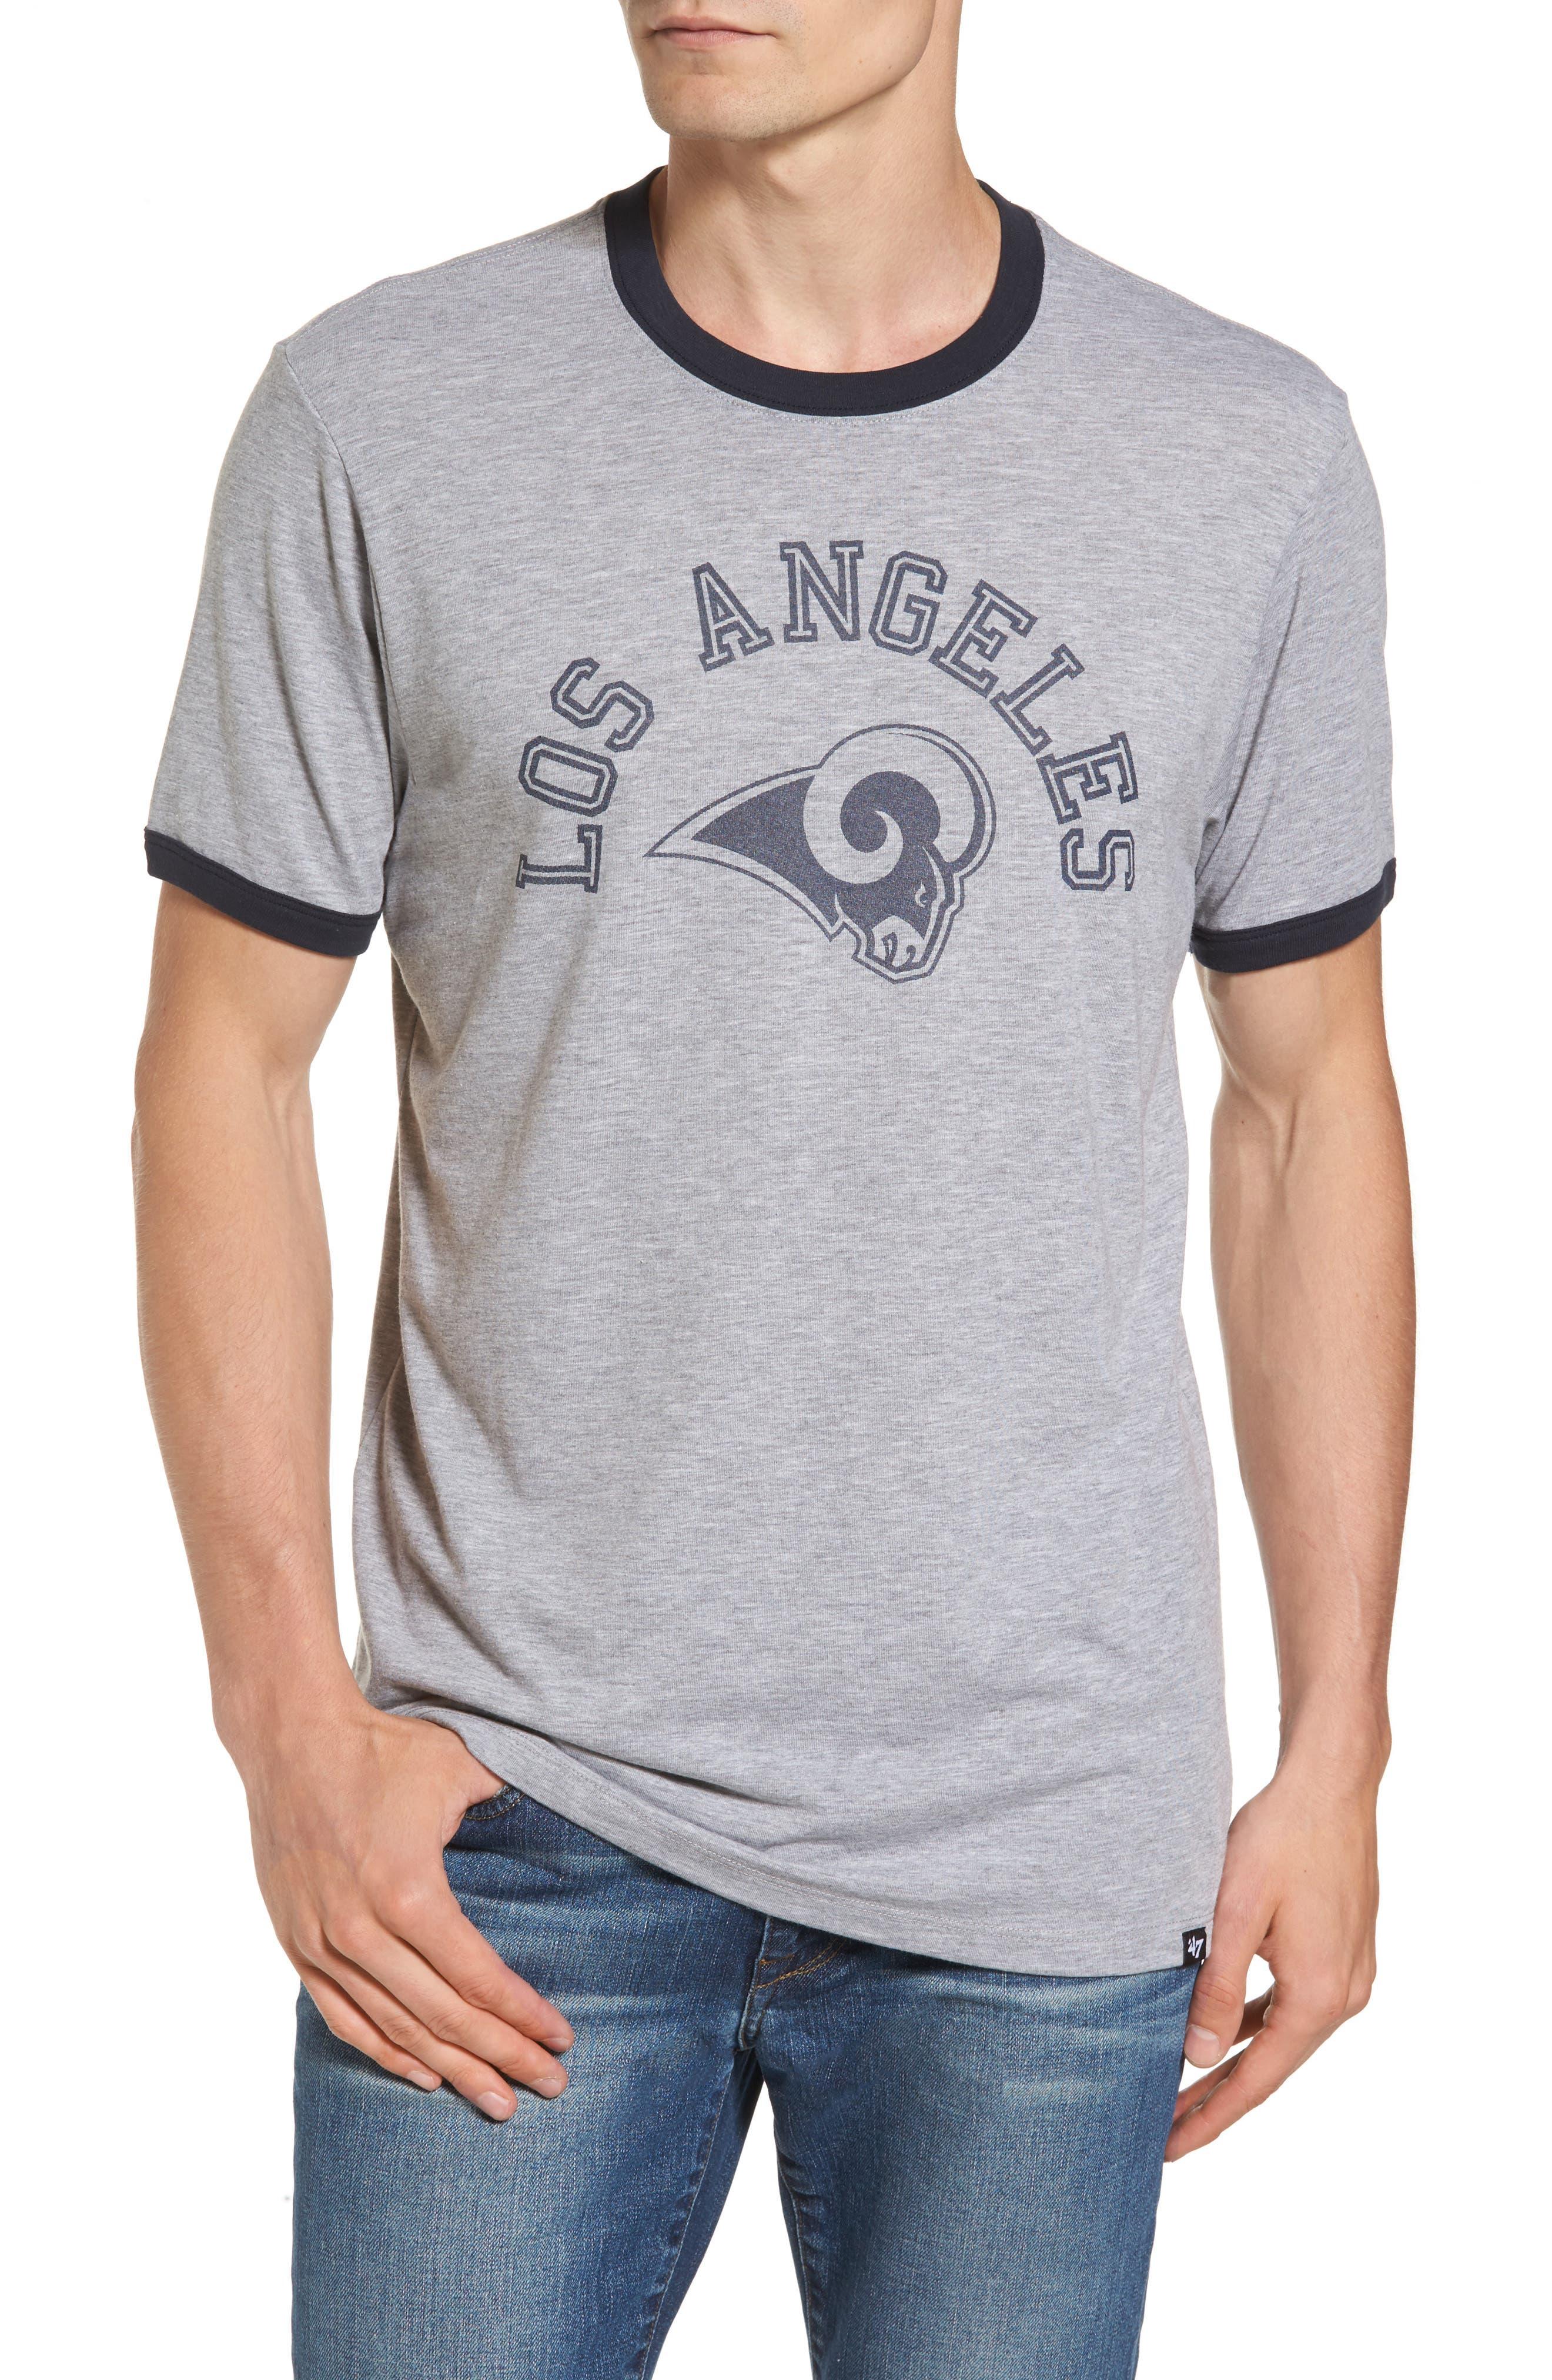 Los Angeles Rams Ringer T-Shirt,                             Main thumbnail 1, color,                             020